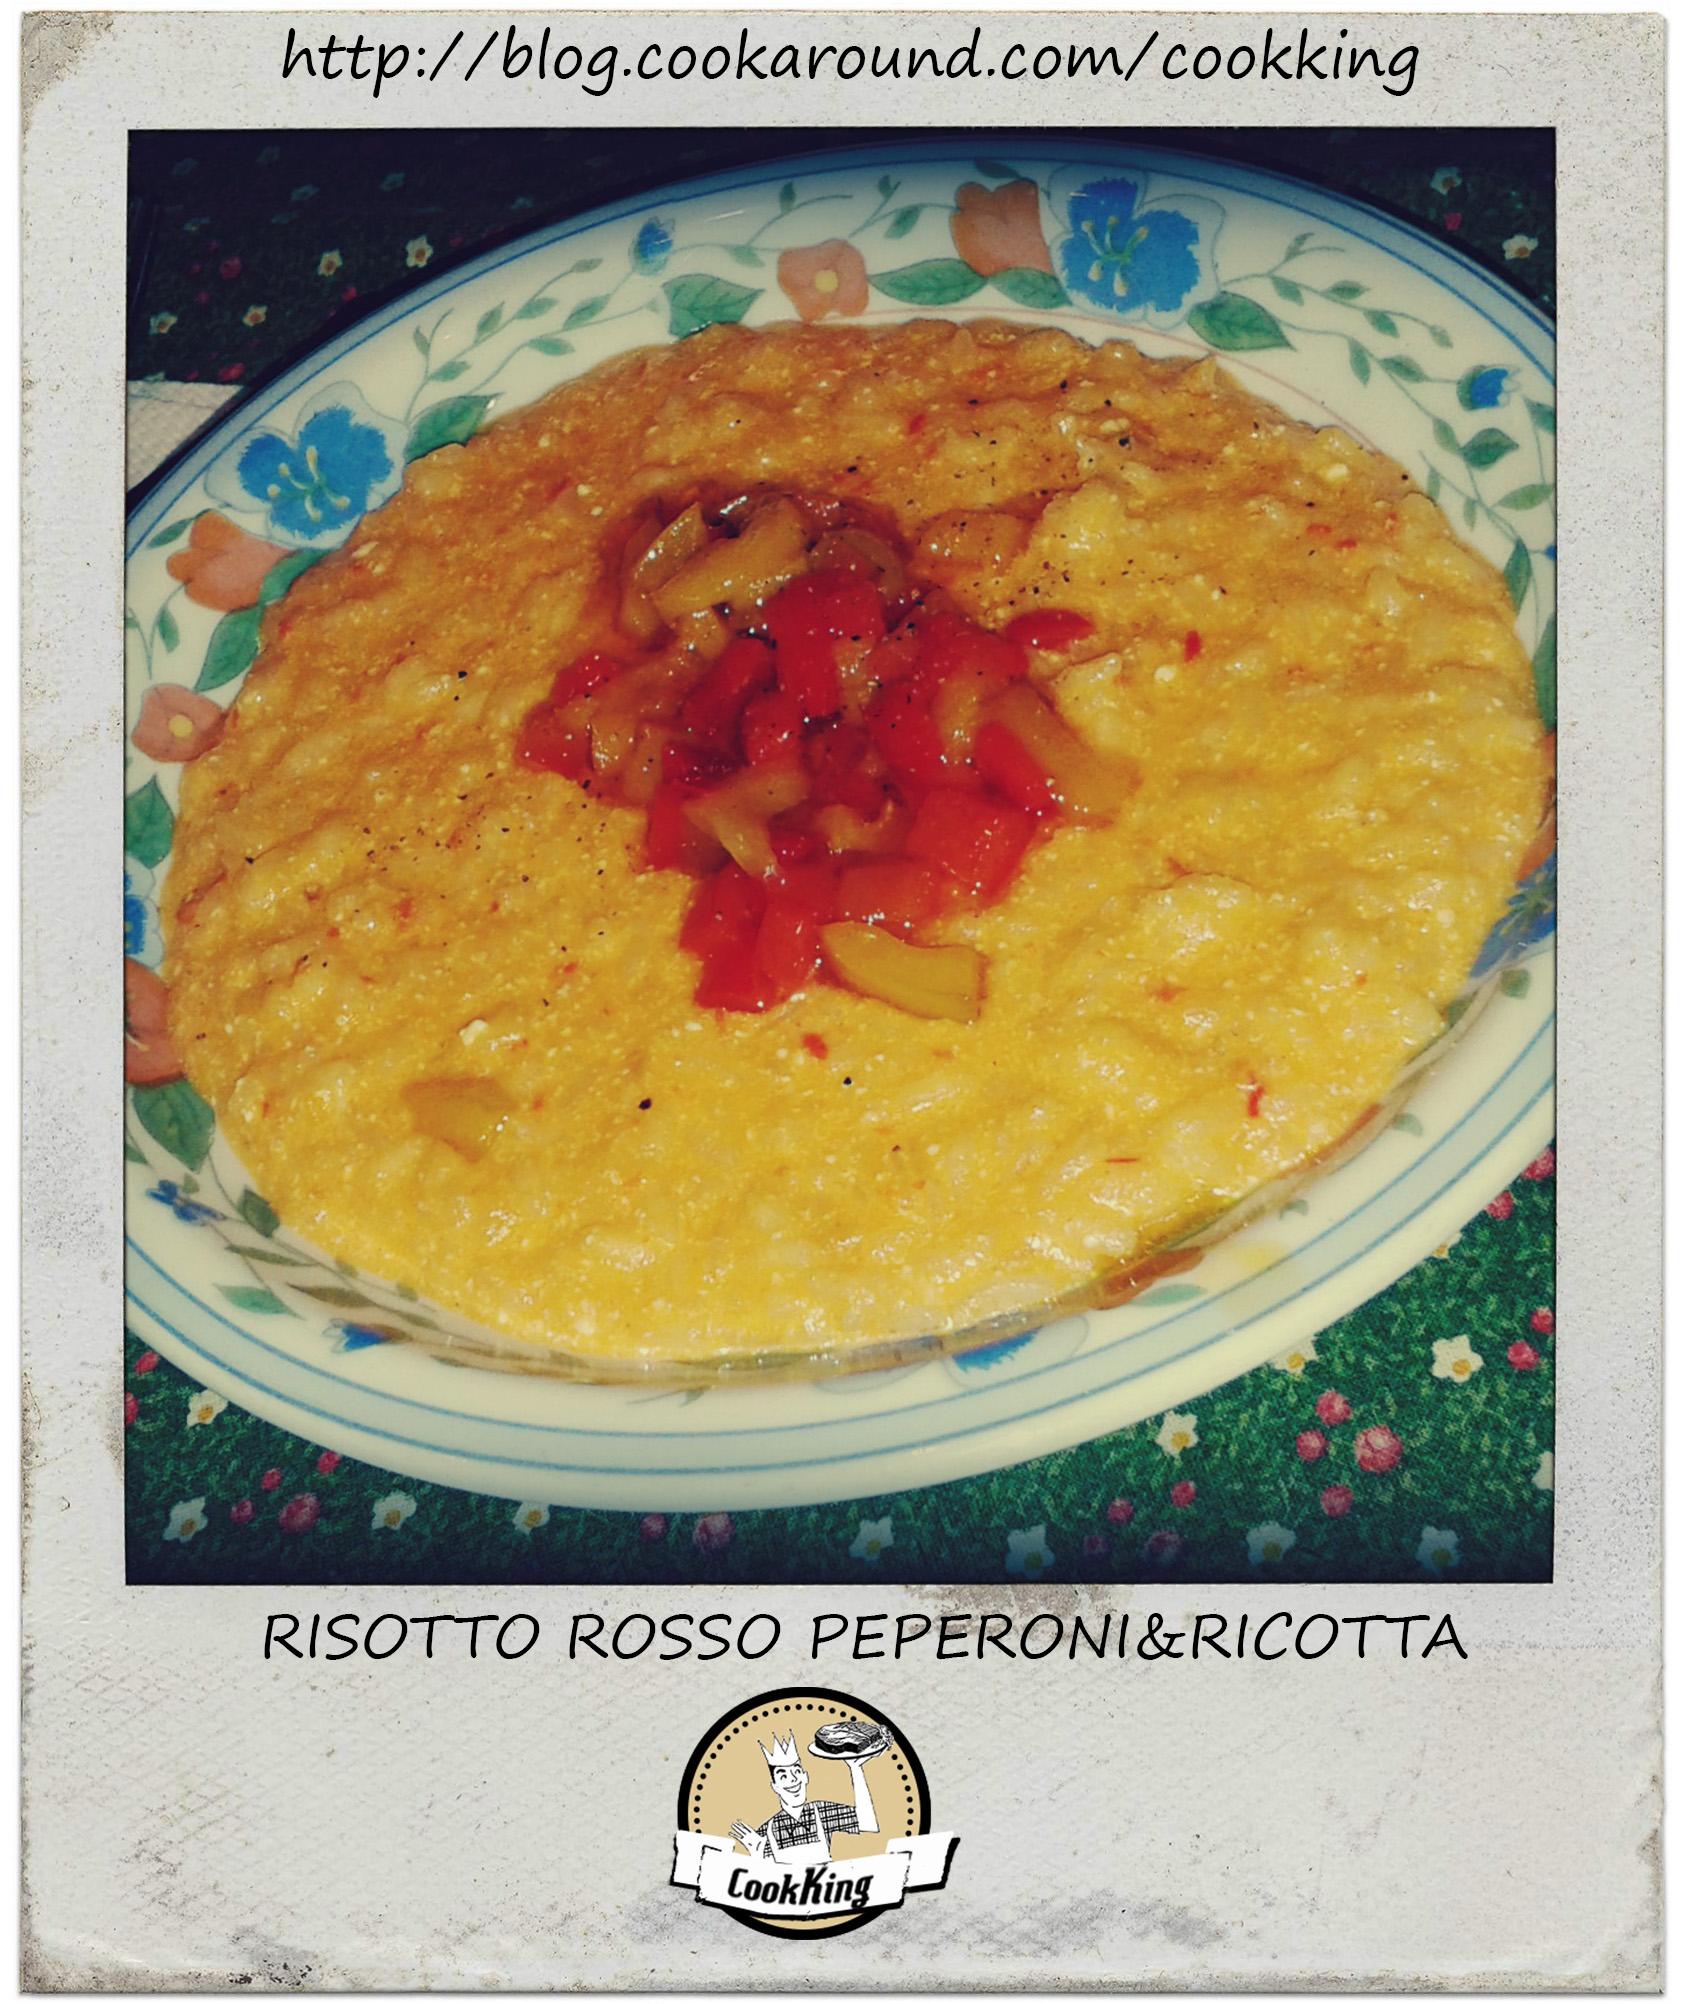 risotto rosso peperoni&ricotta